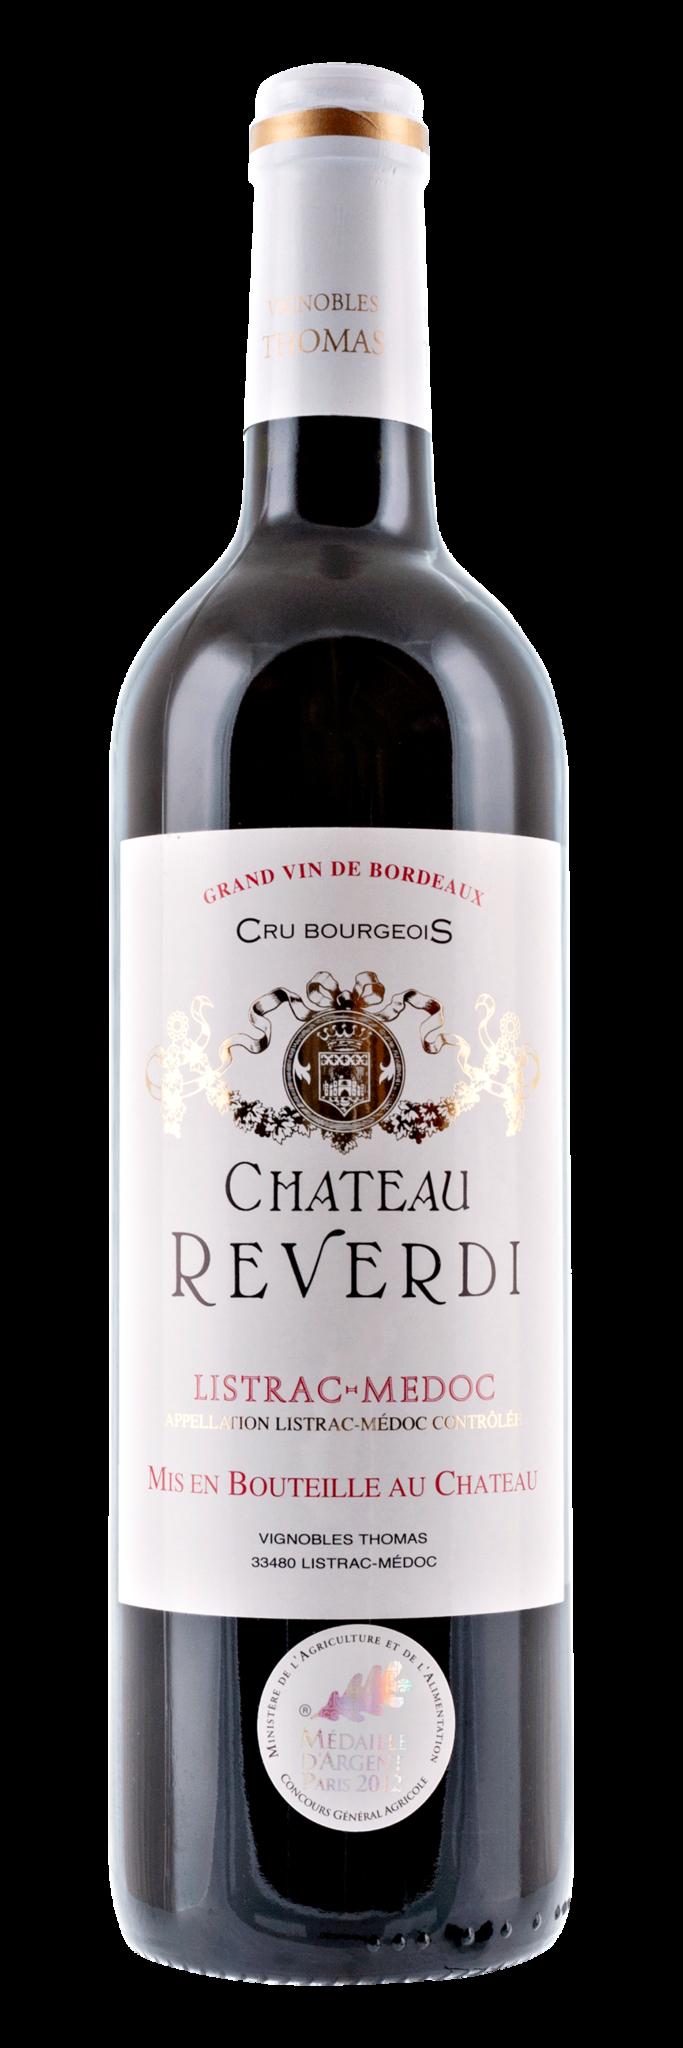 Bordeaux Diverse 2015 Château Reverdi, Cru Bourgeois Listrac-Médoc